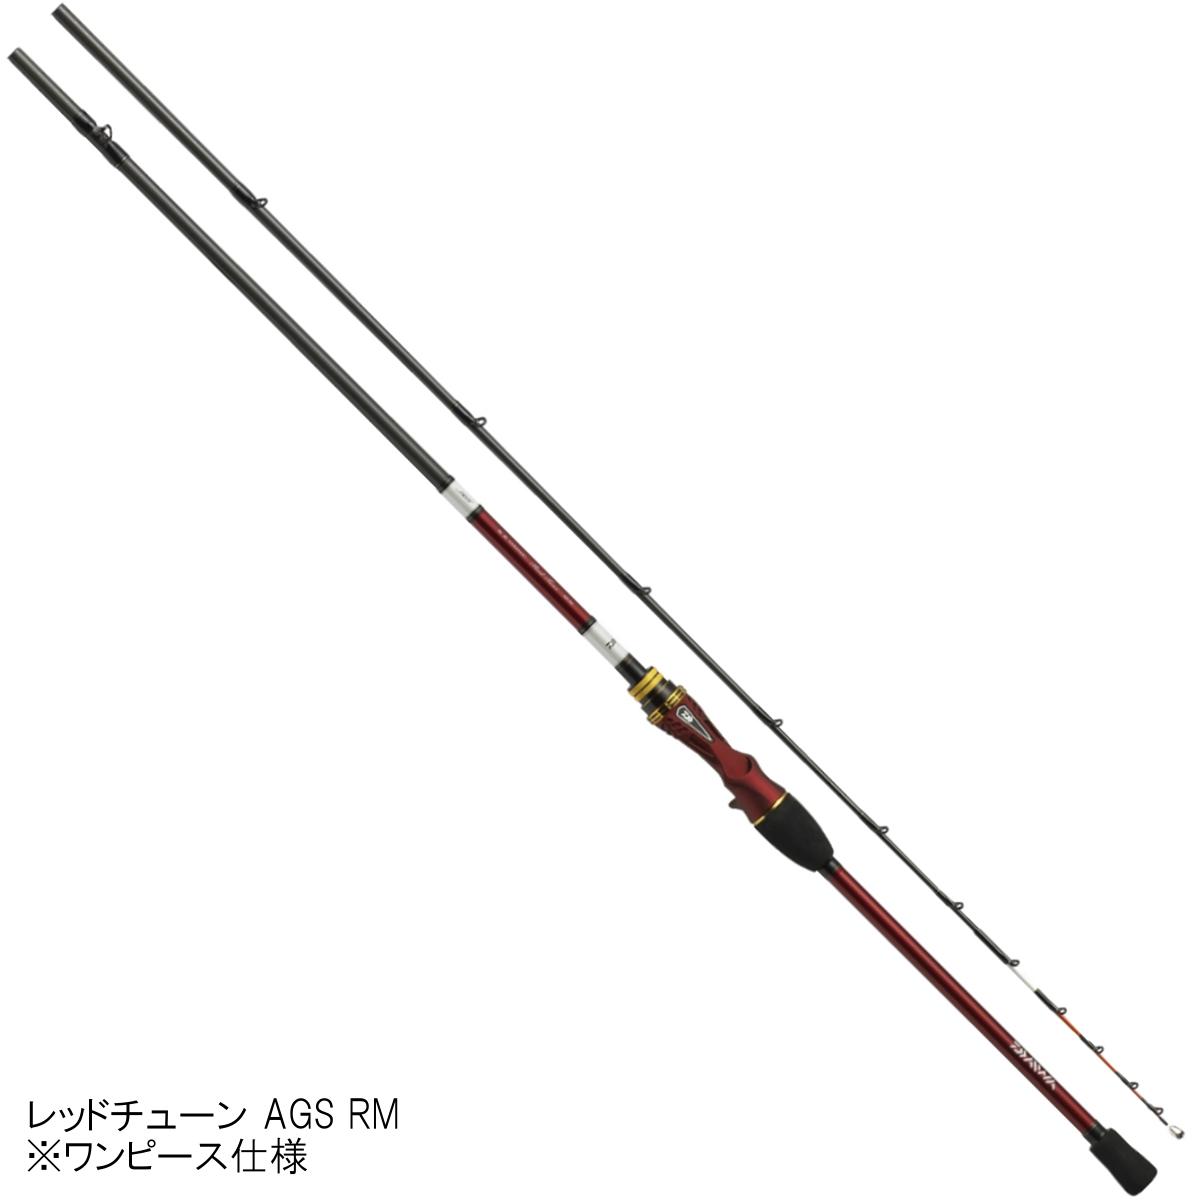 ダイワ 極鋭カワハギ レッドチューン AGS RM【大型商品】